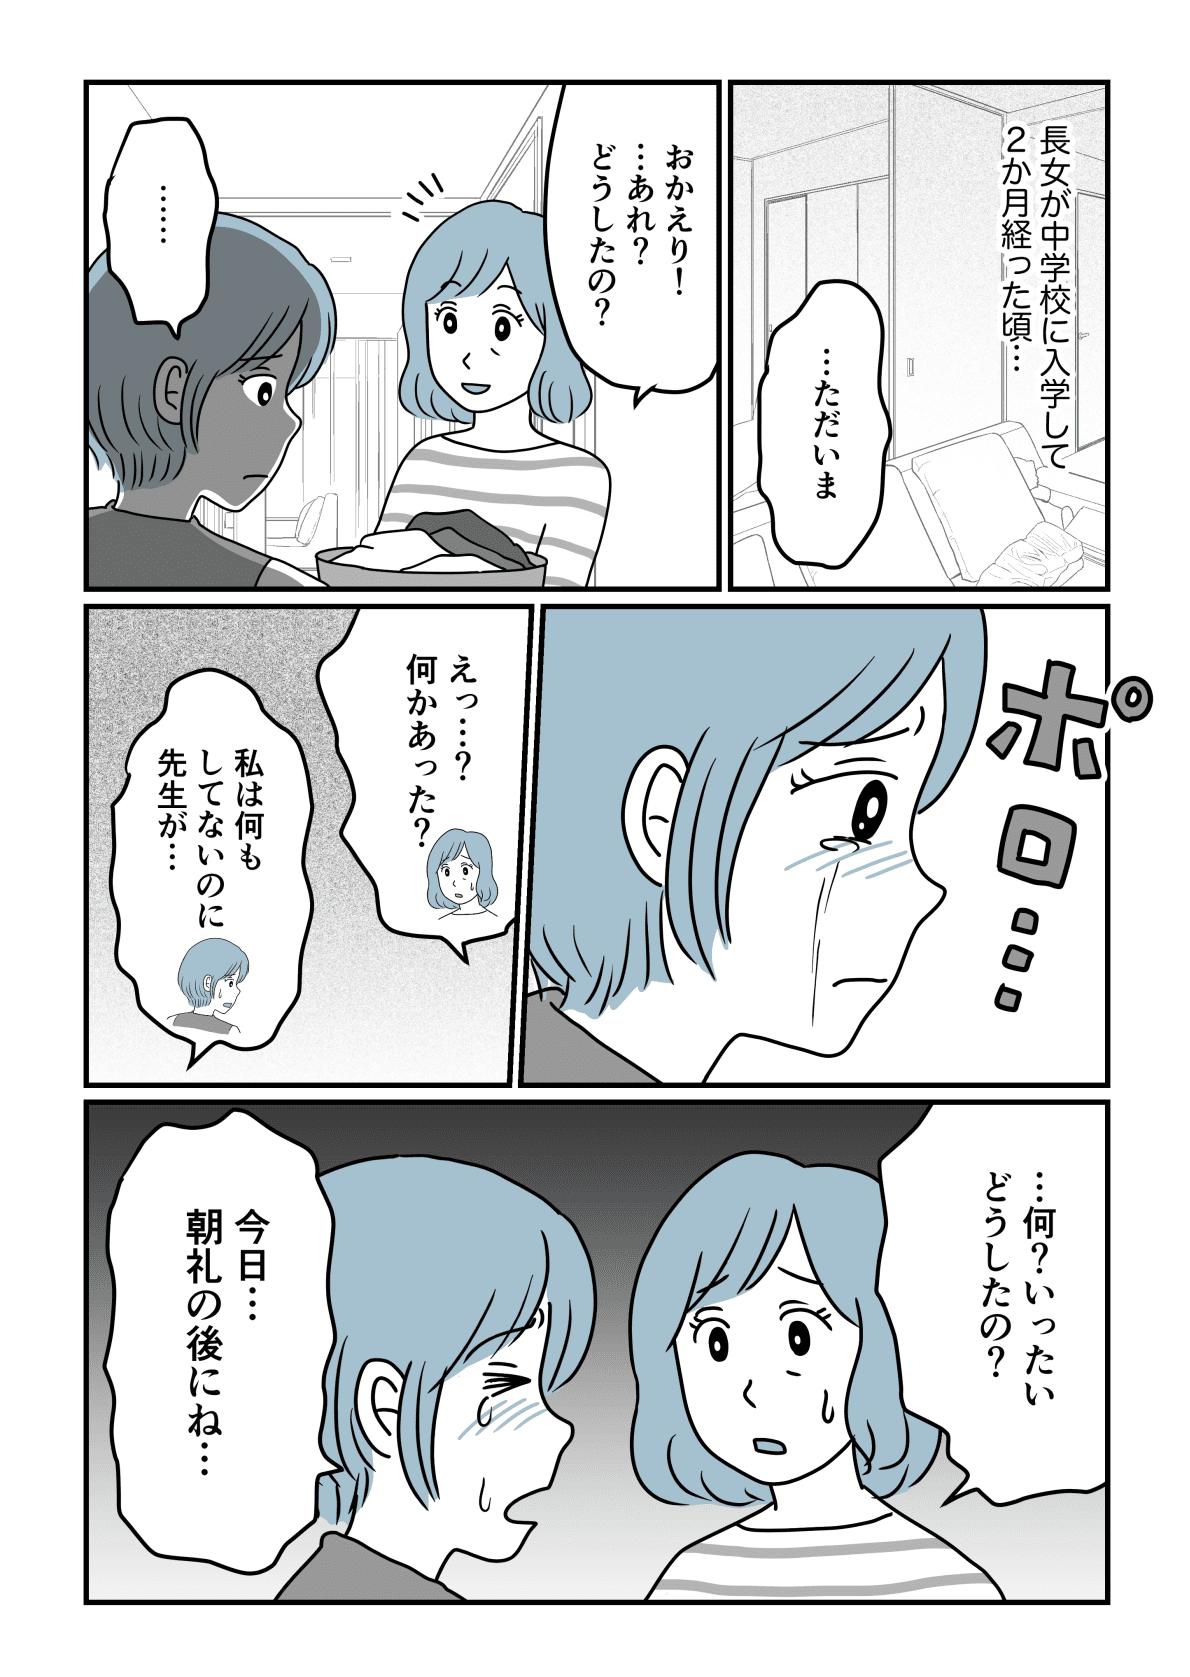 濡れ衣1−1